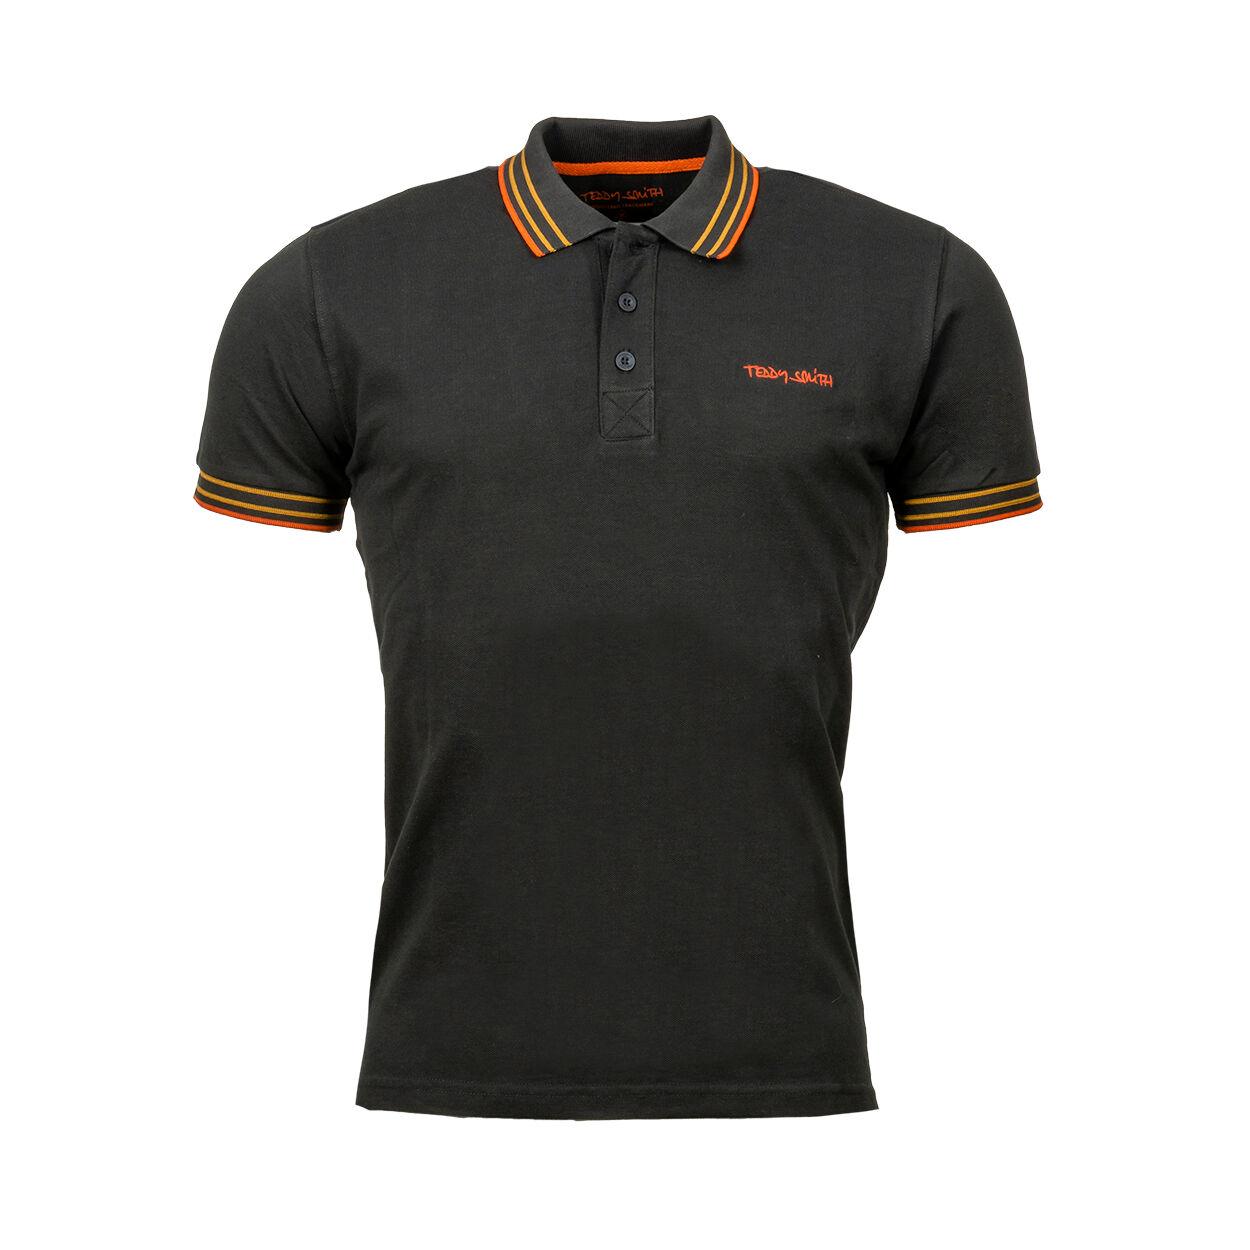 Teddy Smith Polo à manches courtes Teddy Smith Pasian en coton noir charbon à détails orange - Noir charbon -